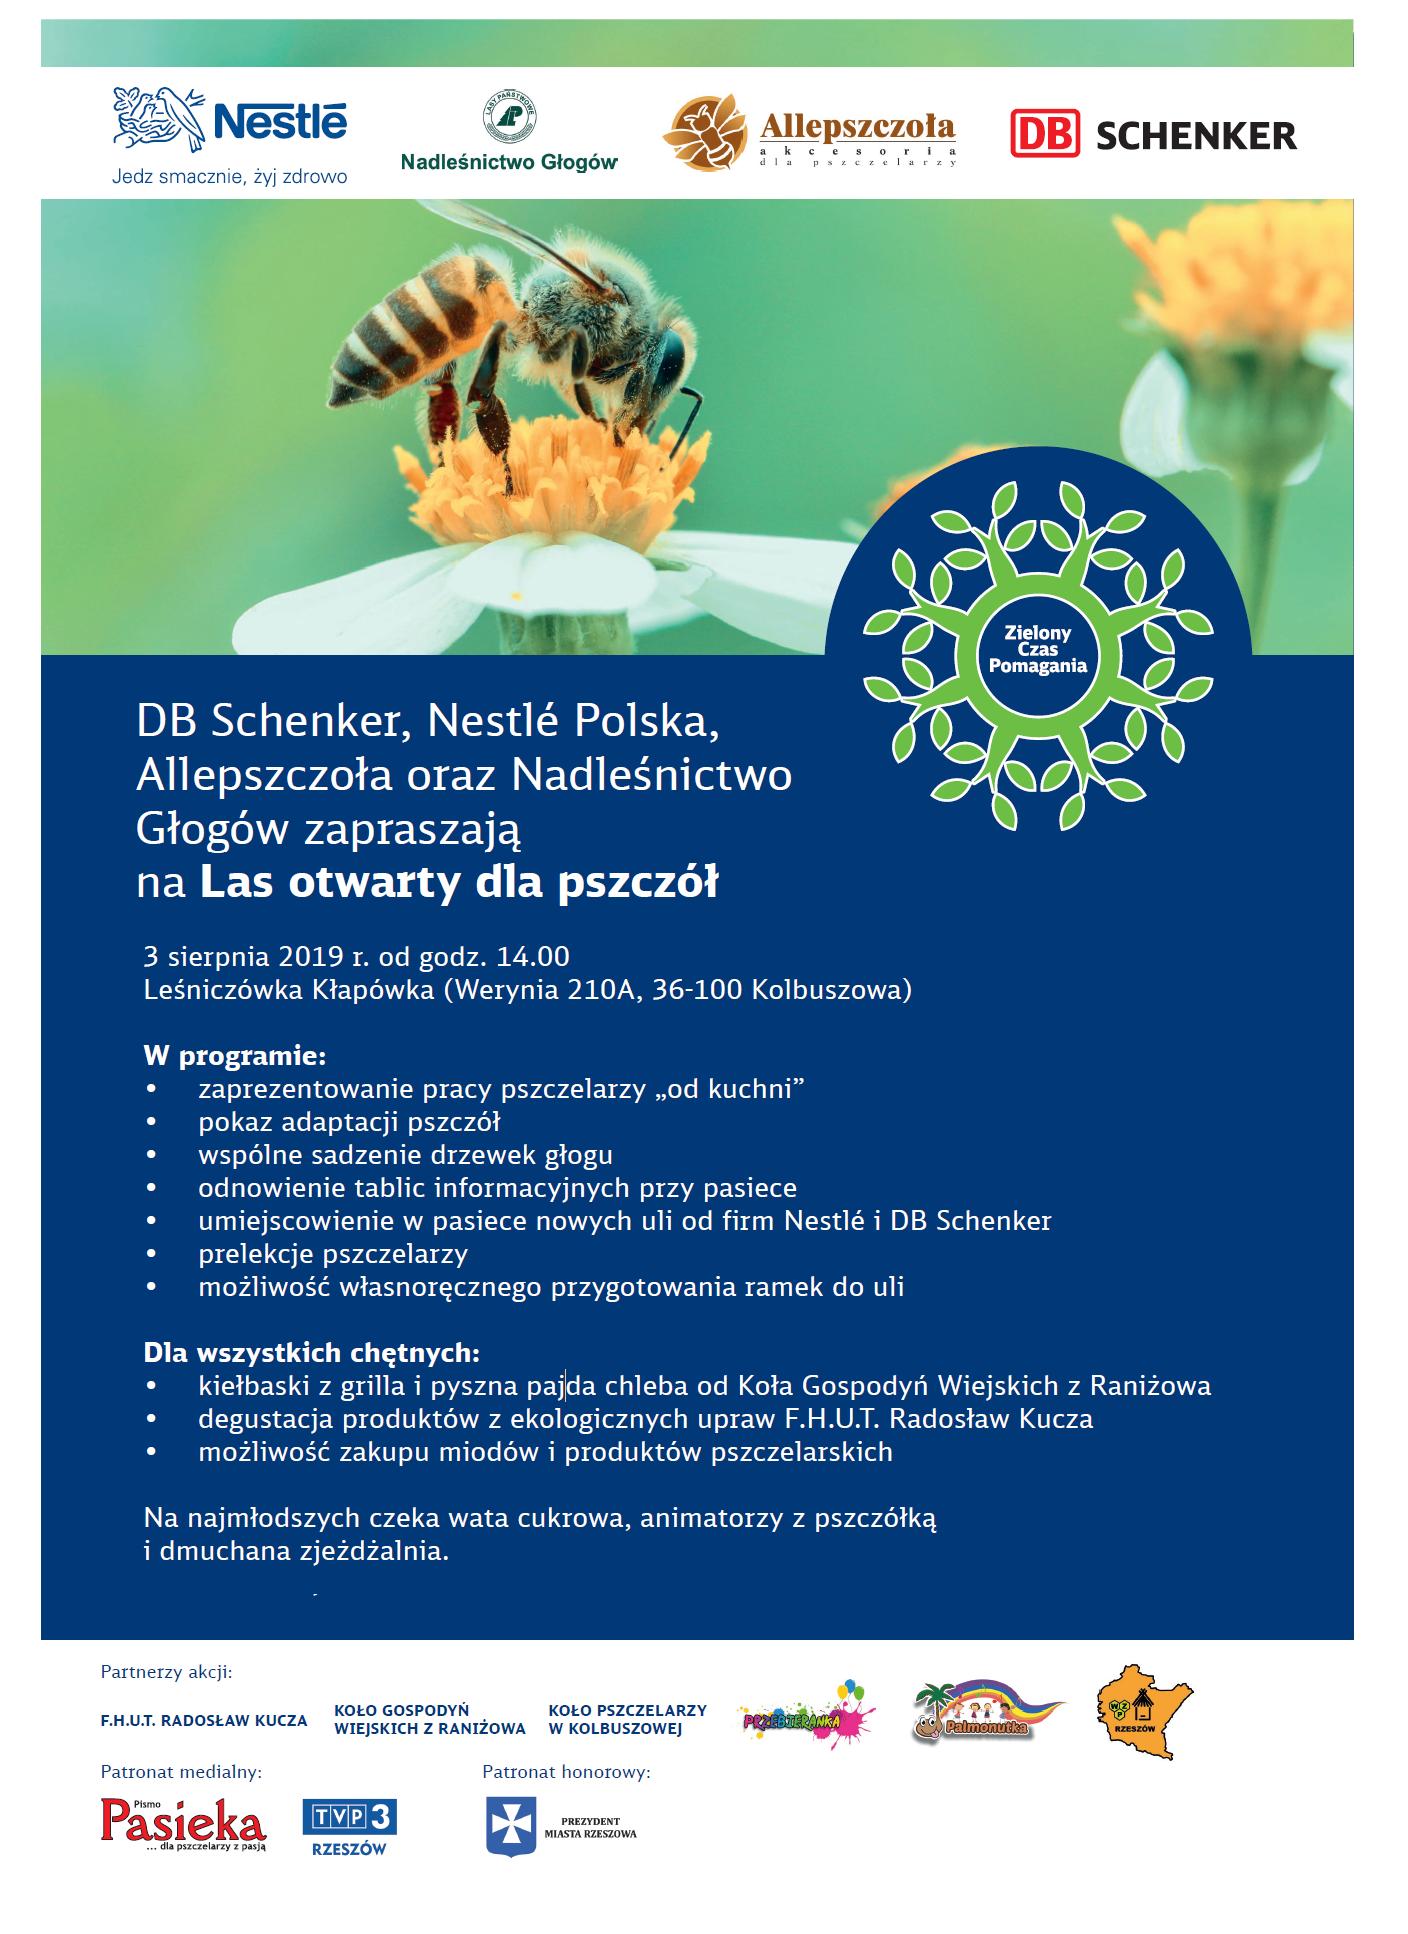 Plakat promujący akcję wspomagania pszczół. (źródło: Nestlé Polska/materiały prasowe)